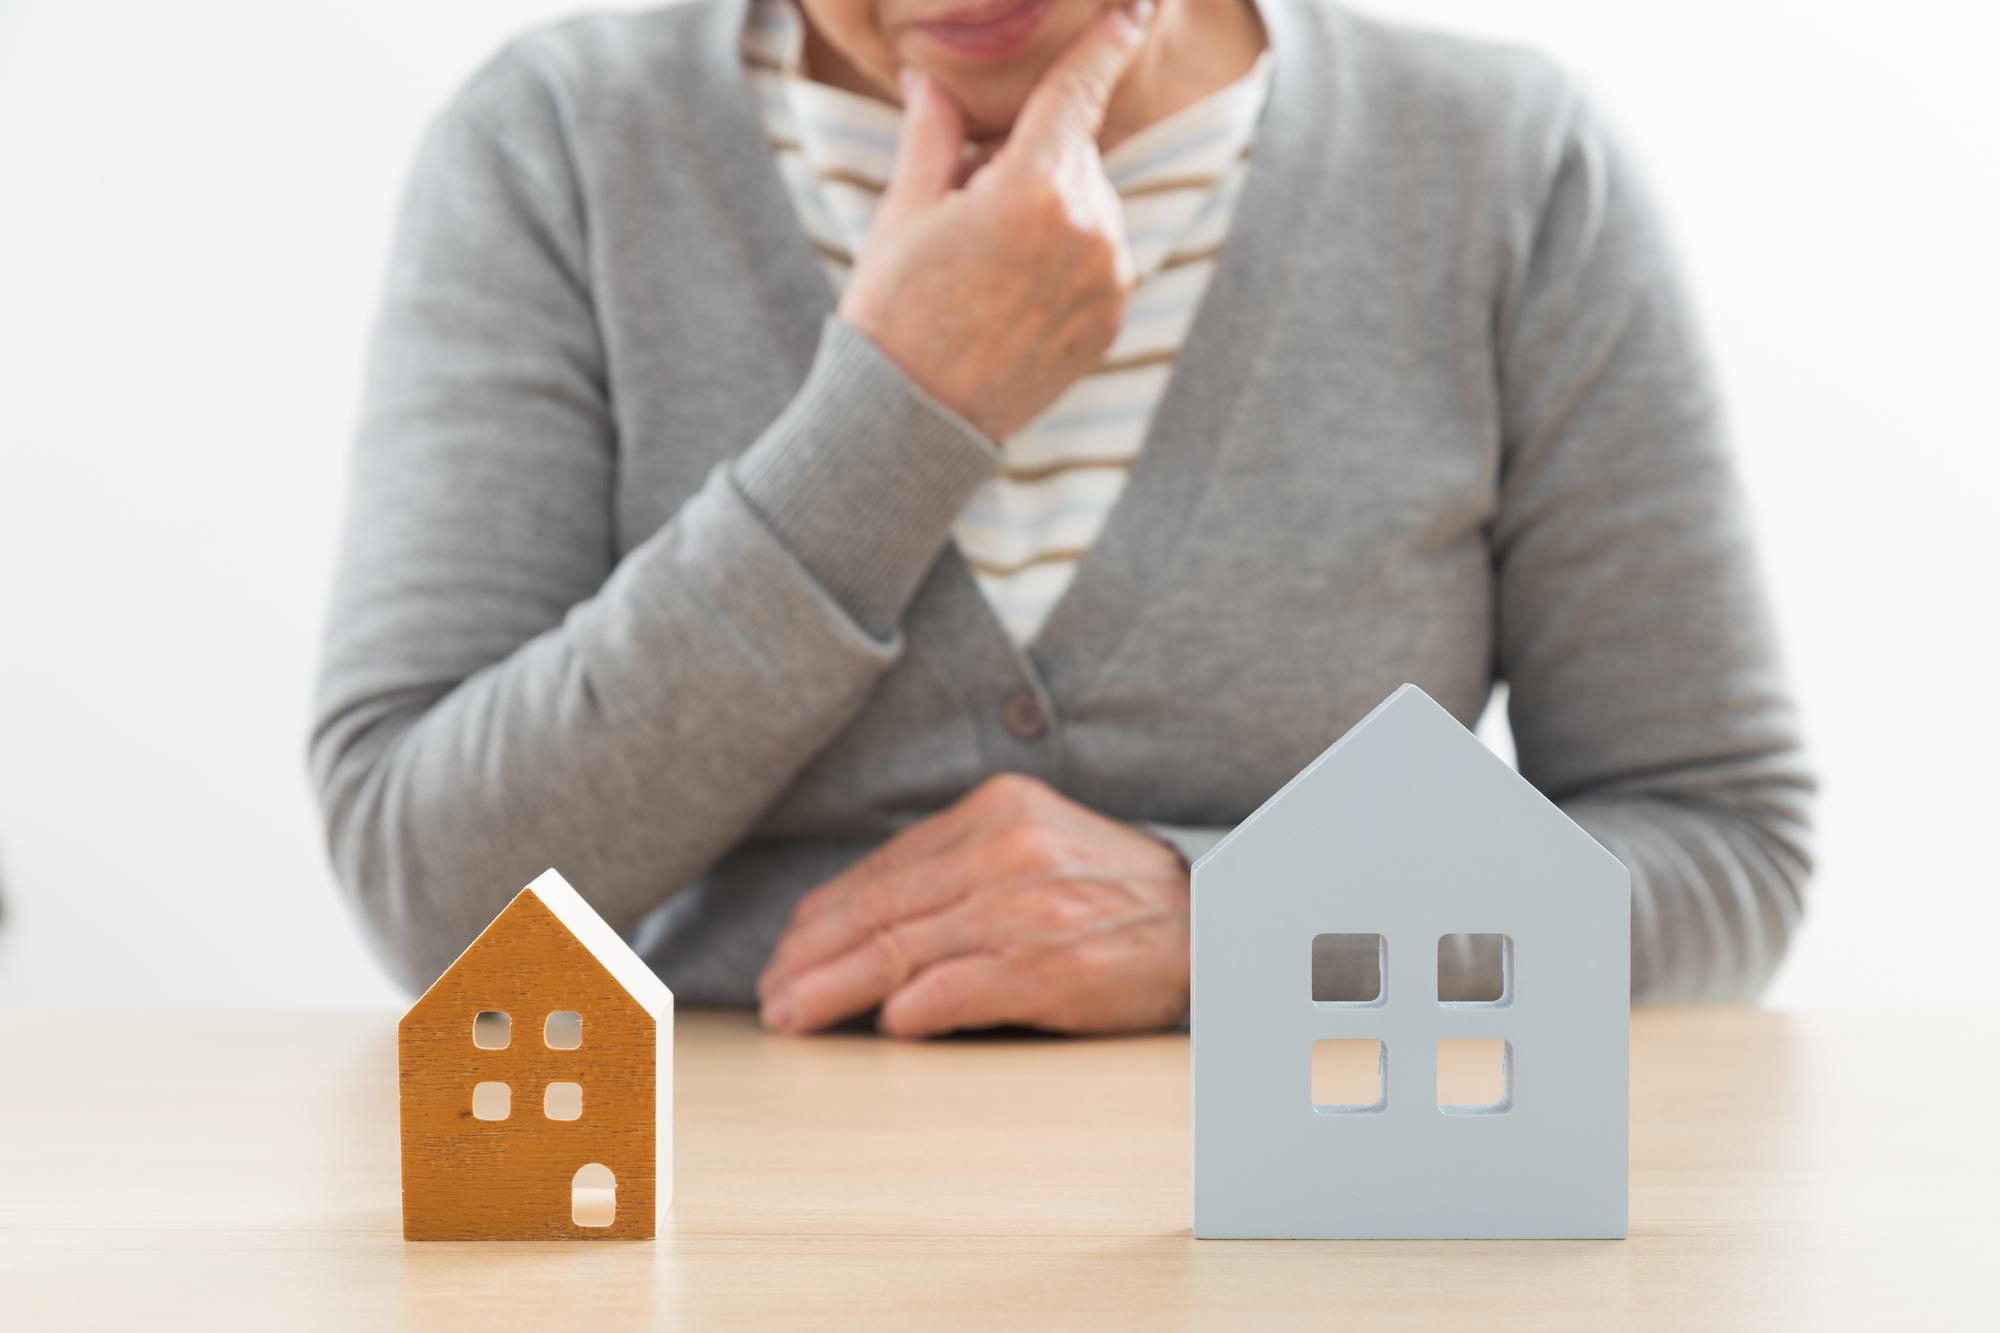 木造住宅と鉄骨住宅ってどう違うの?それぞれのメリット&デメリットを徹底解説